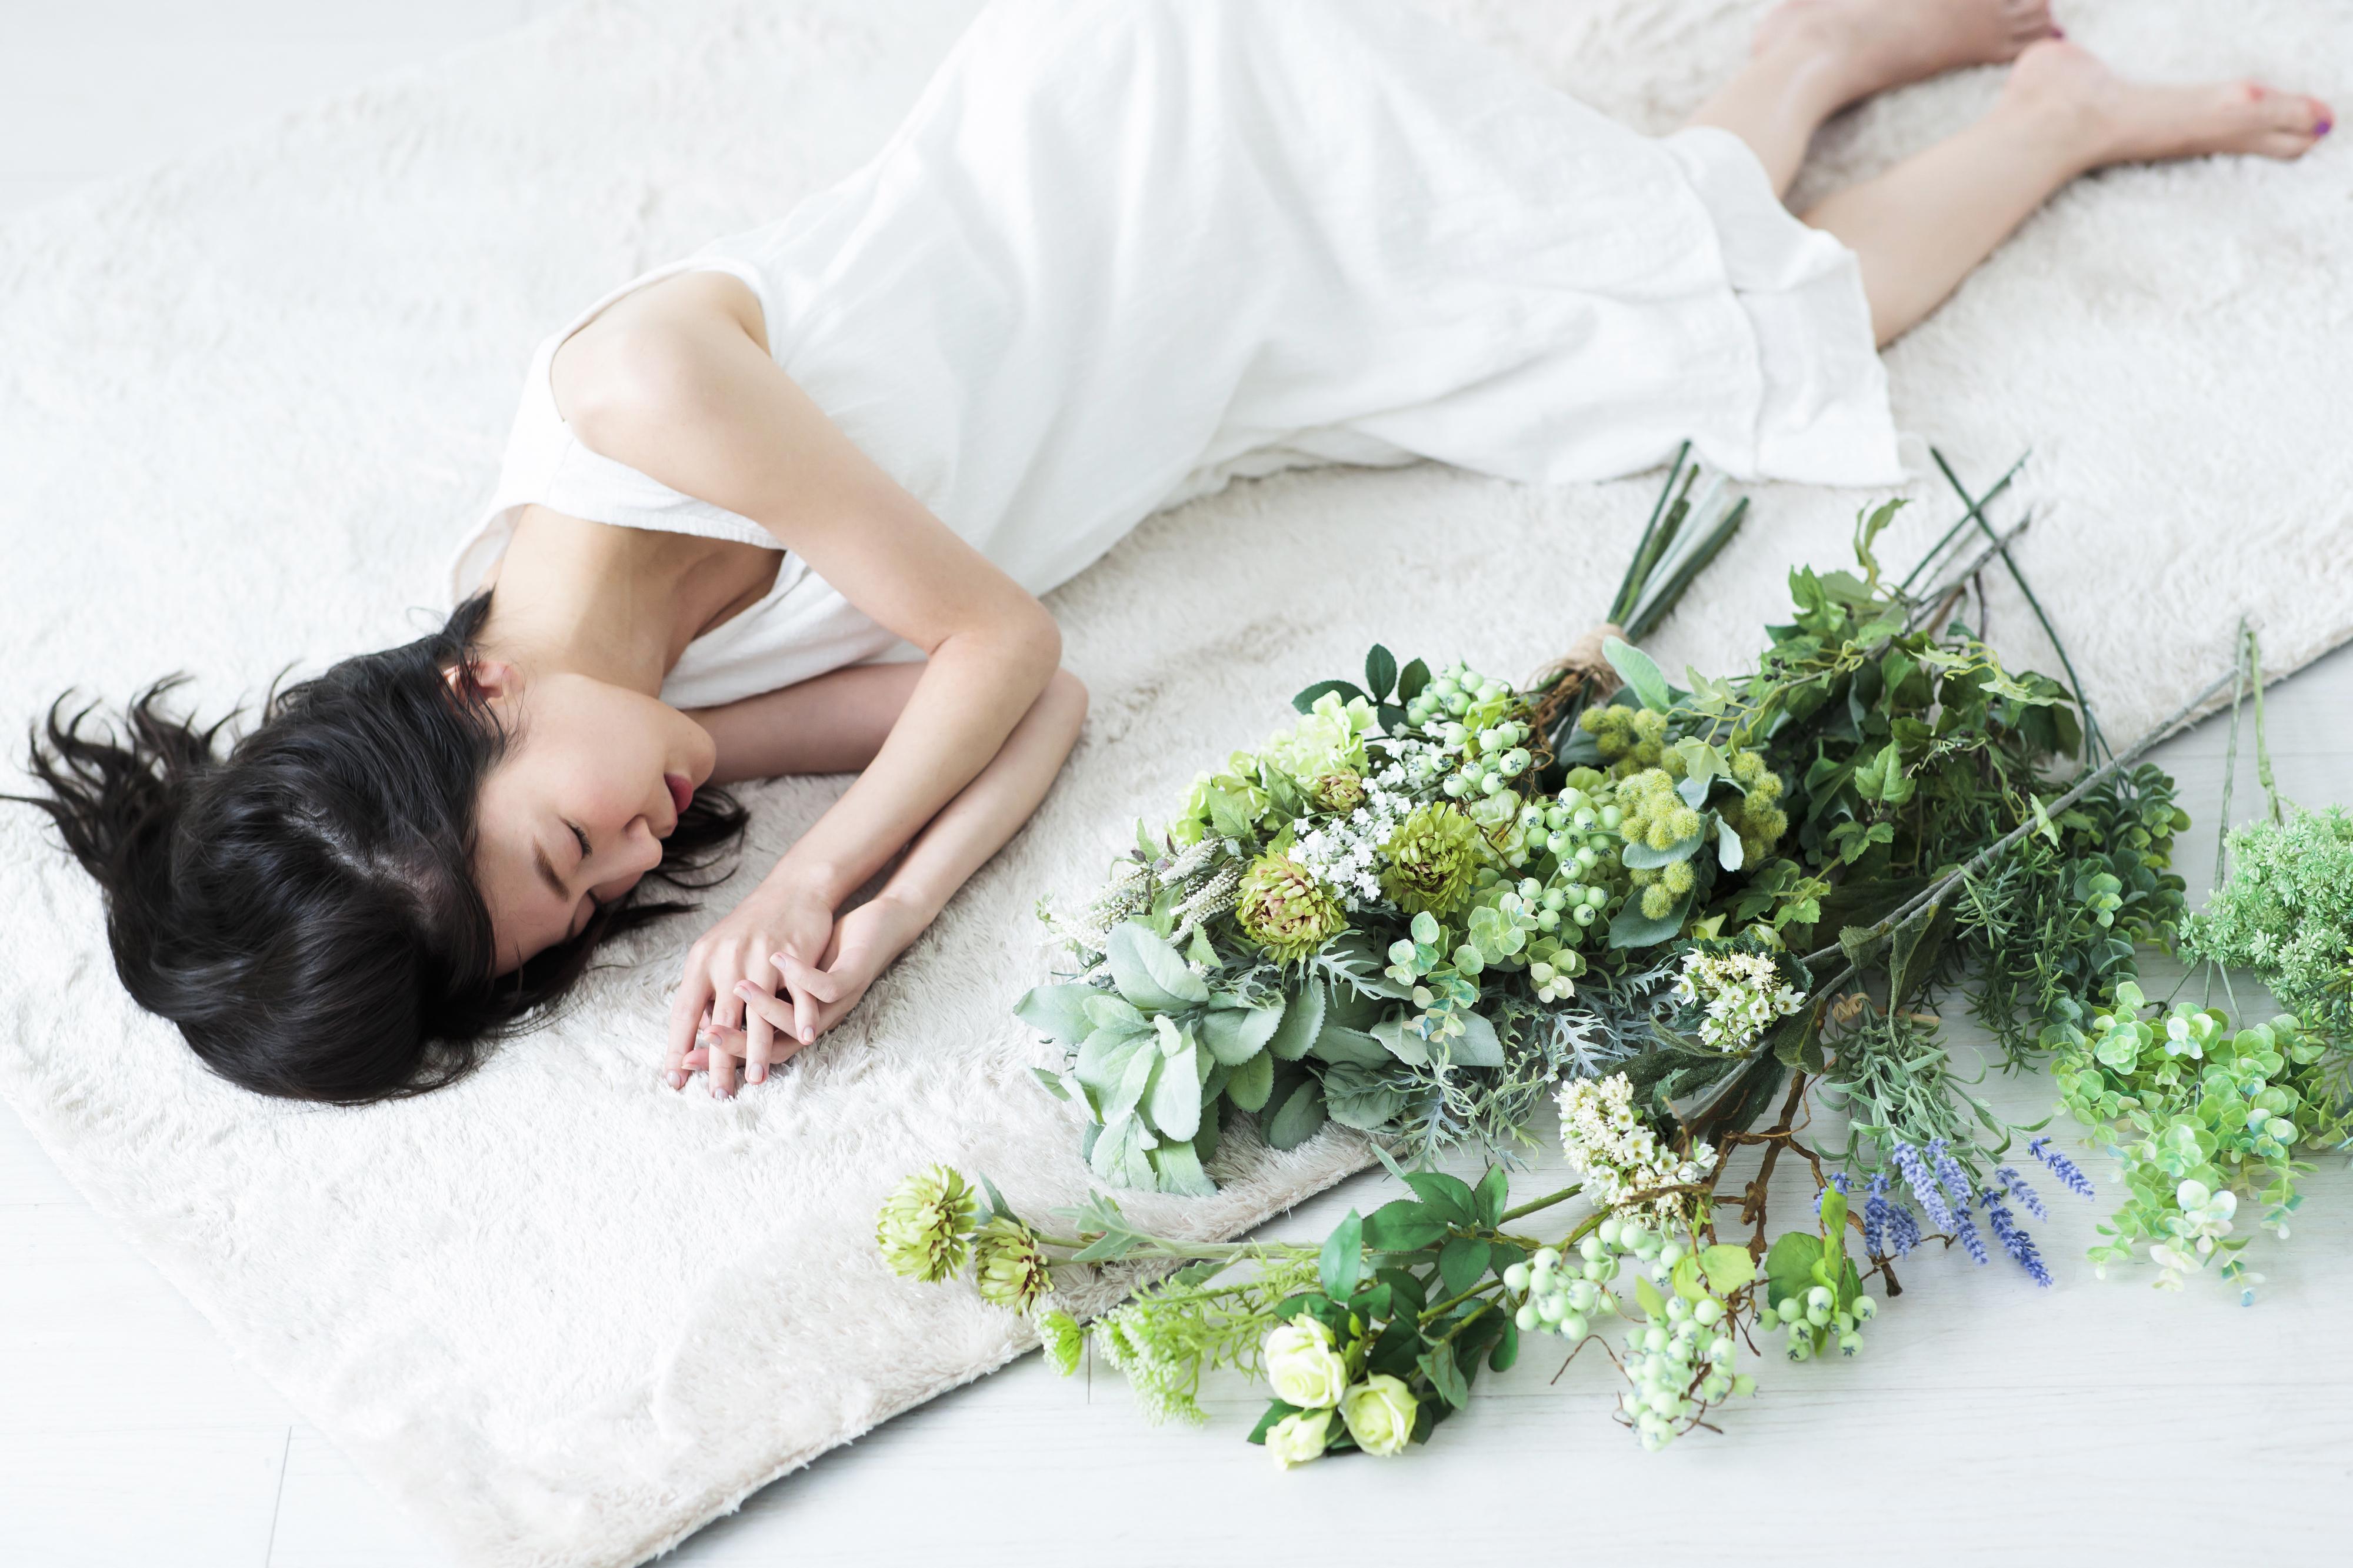 白いワンピースで横たわる女性